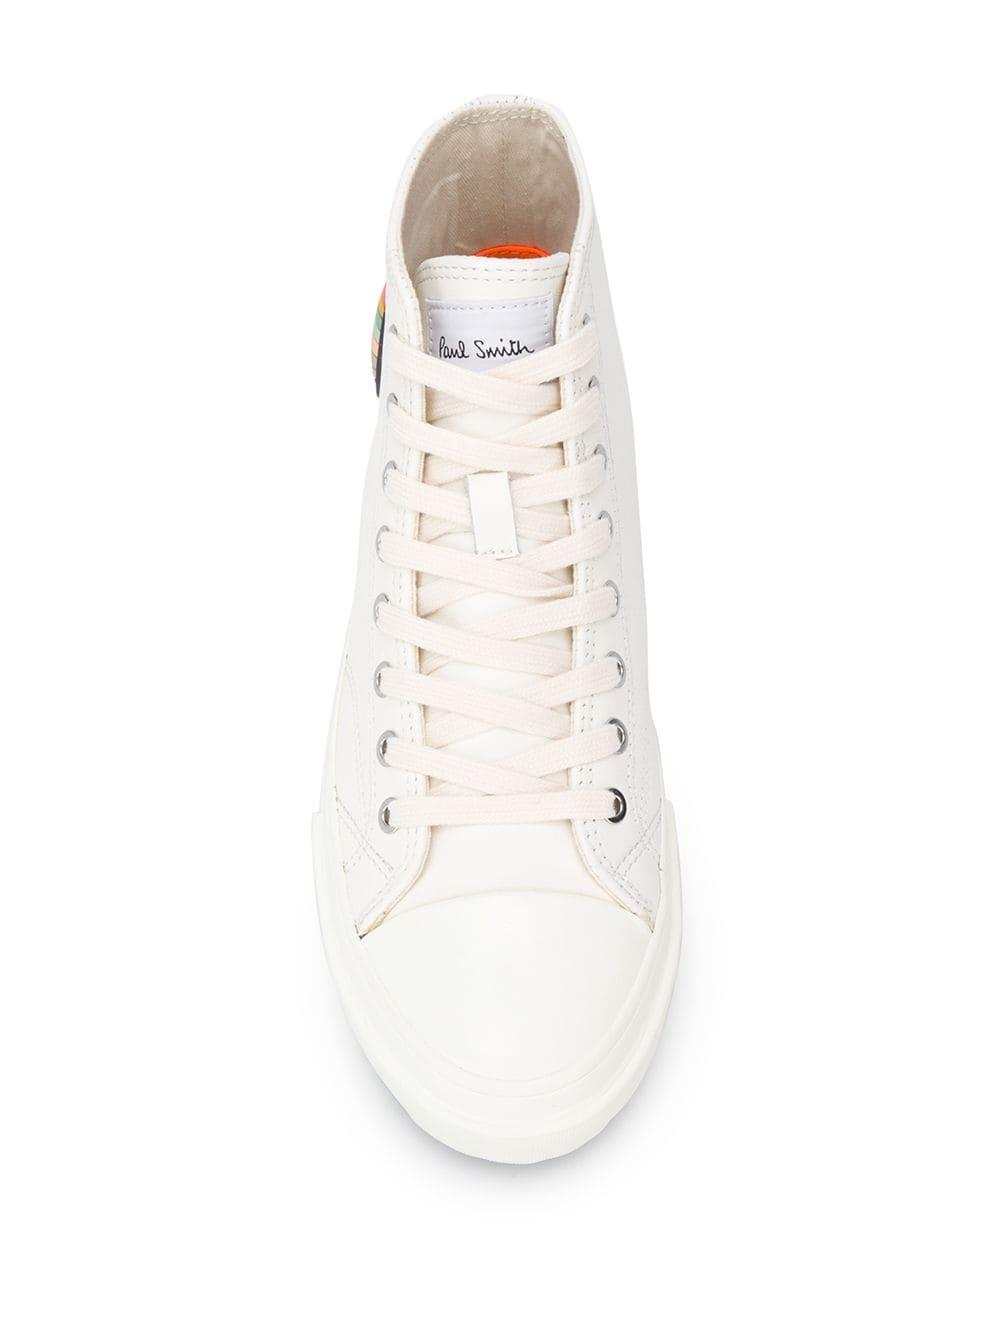 Zapatillas altas con parche de logo Paul Smith de Cuero de color Blanco